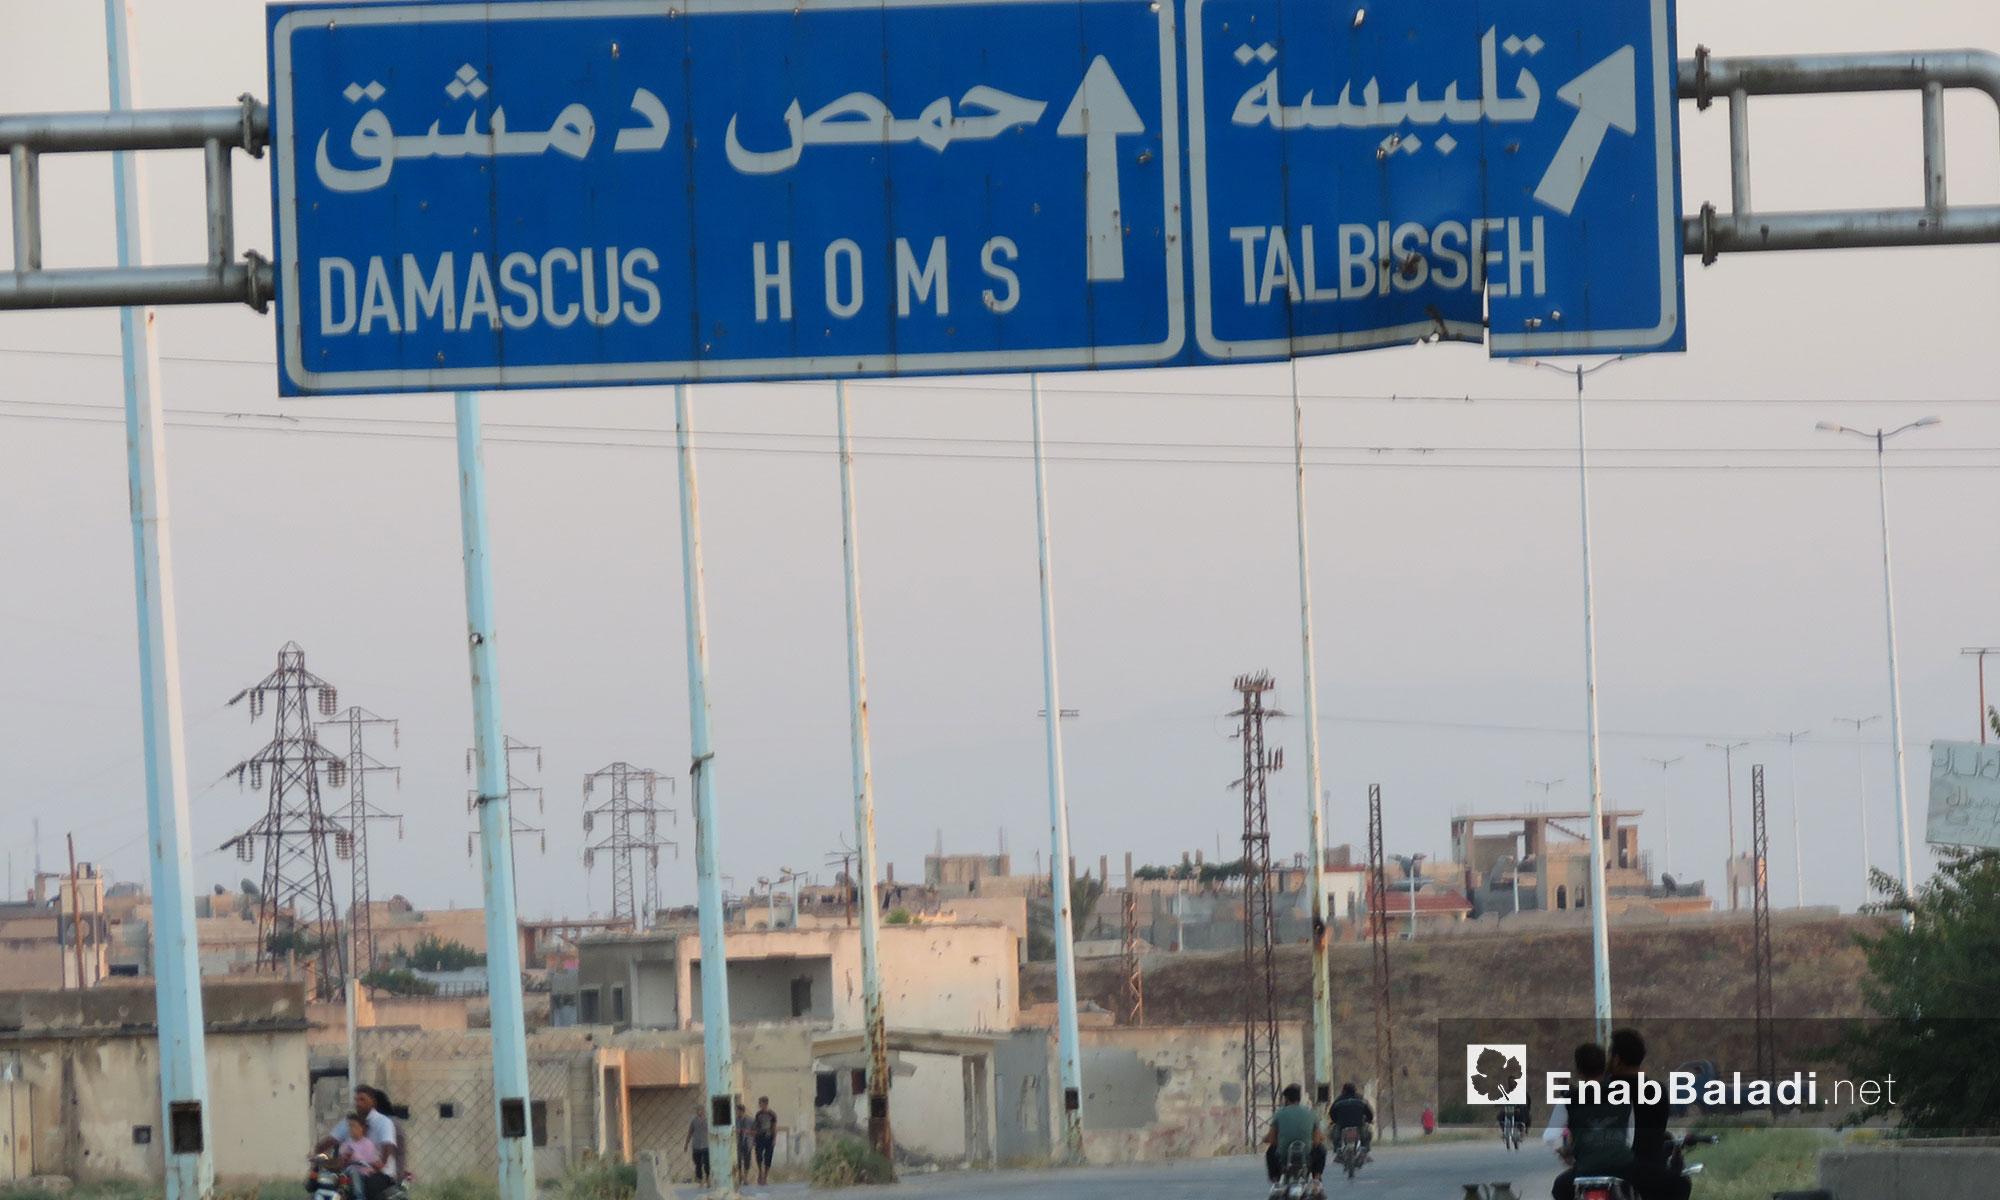 شاخصات مرورية على الطريق الدولي دمشق- حمص - 25 تموز 2017 (عنب بلدي)